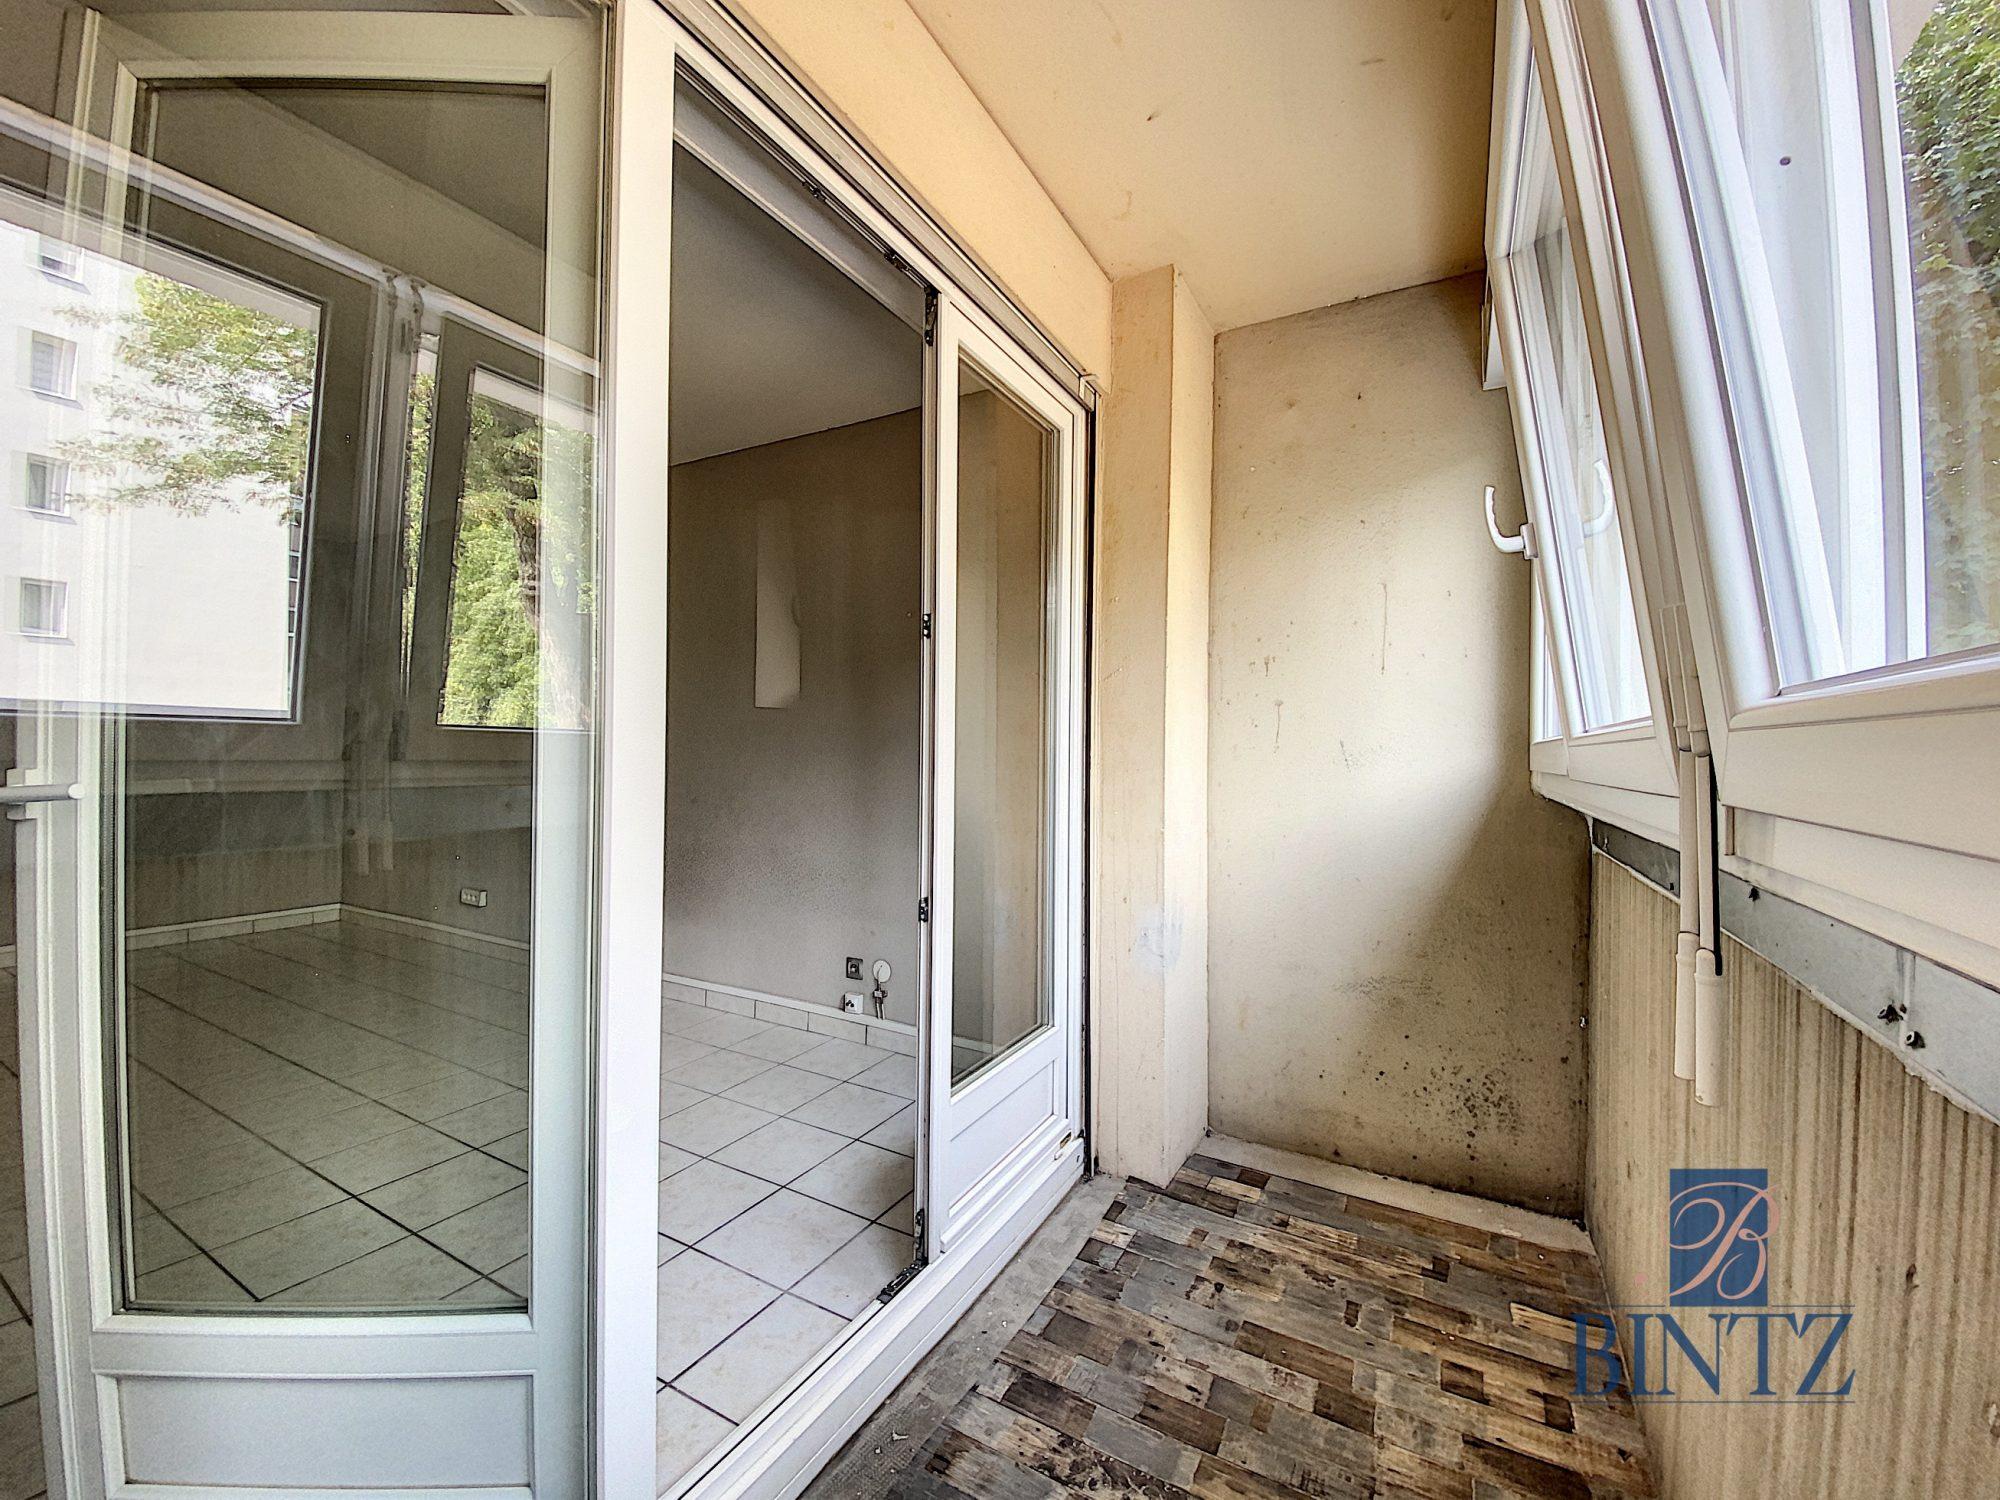 Boulevard la Fontaine Appartement 3 pièces + garage fermé - Devenez propriétaire en toute confiance - Bintz Immobilier - 3